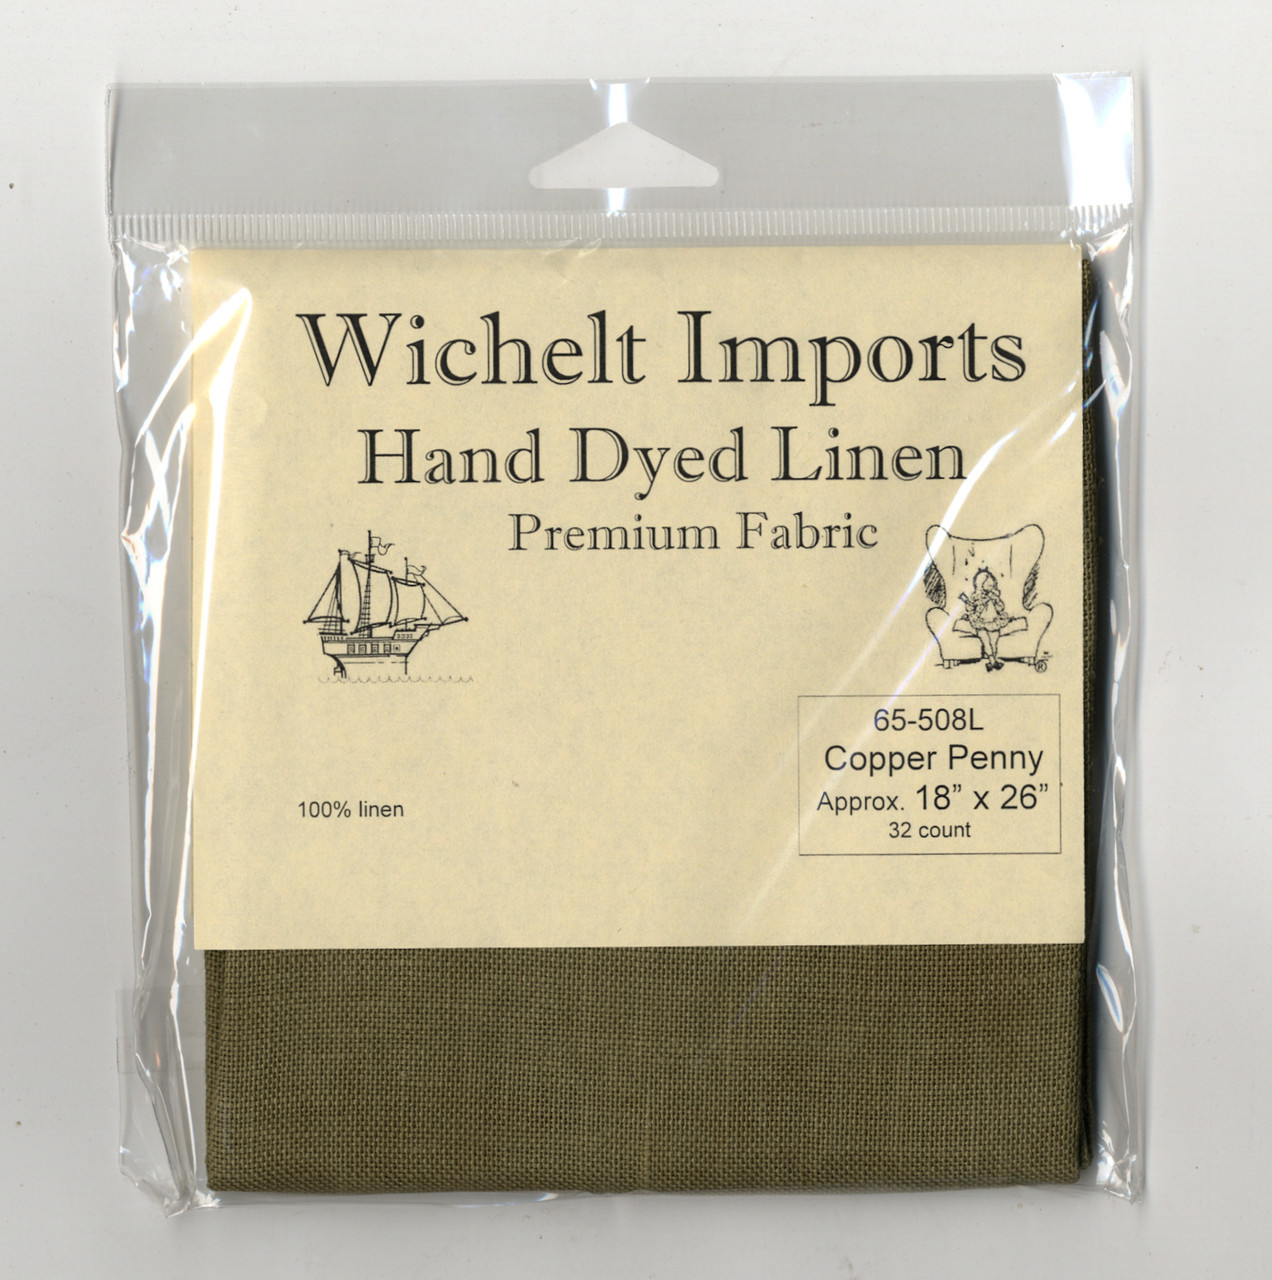 Wichelt - 32 Ct Copper Penny Linen 18 x 26 in